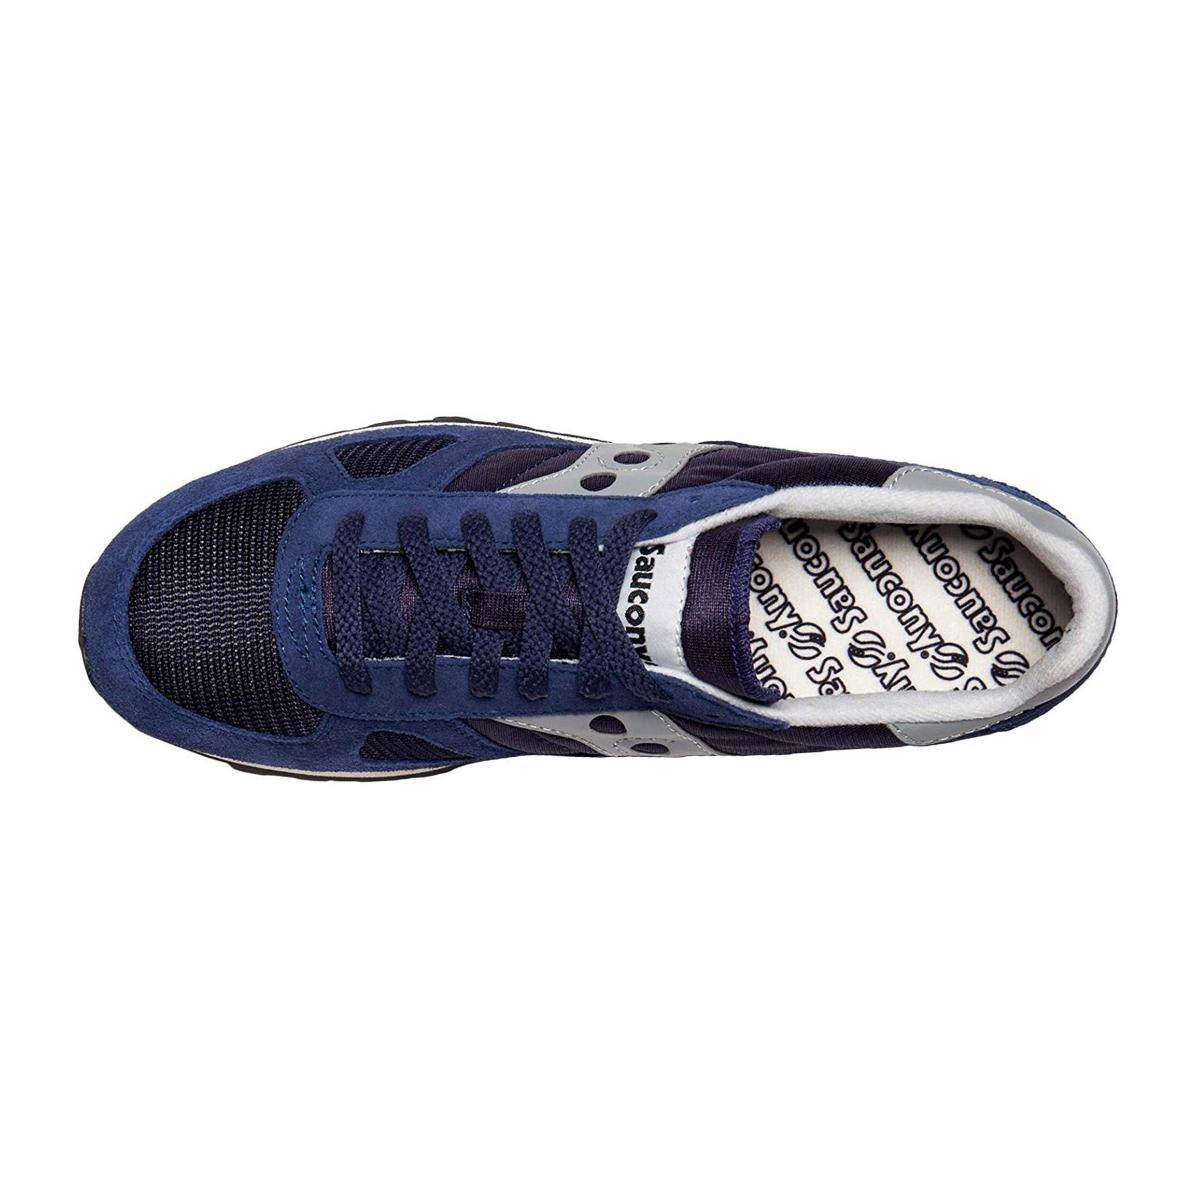 Scarpe Sneakers Saucony Shadow Original Vintage Uomo Rif. S70424-3